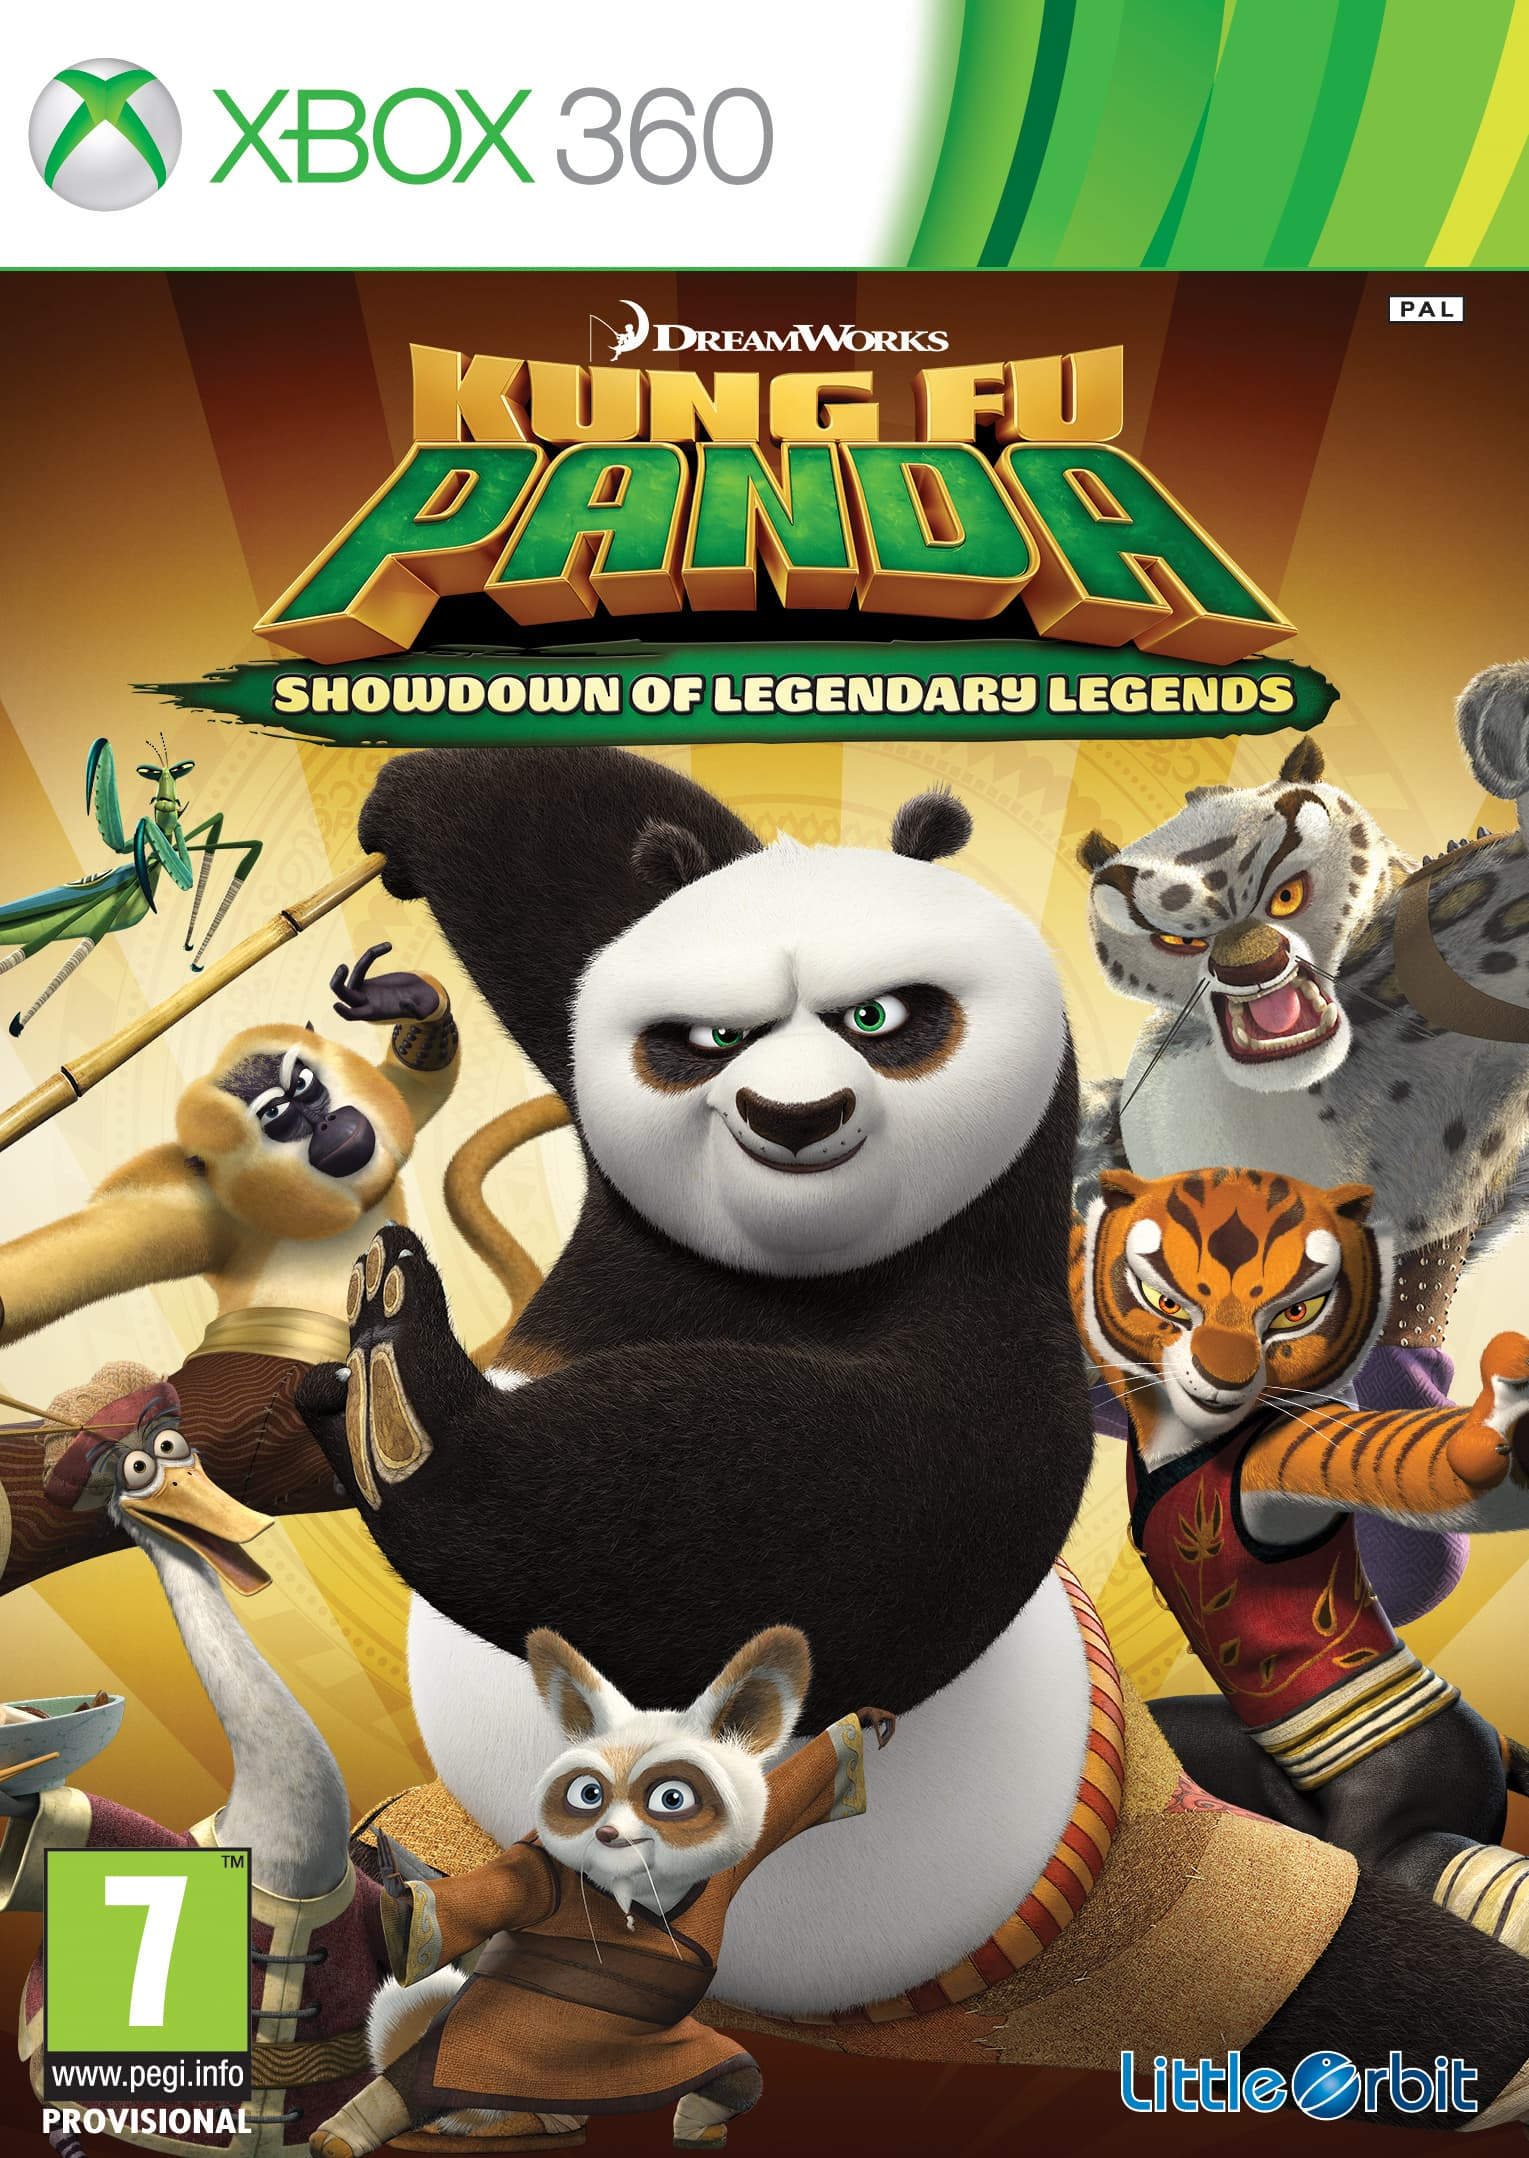 Jaquette Kung Fu Panda : Le Choc des Légendes